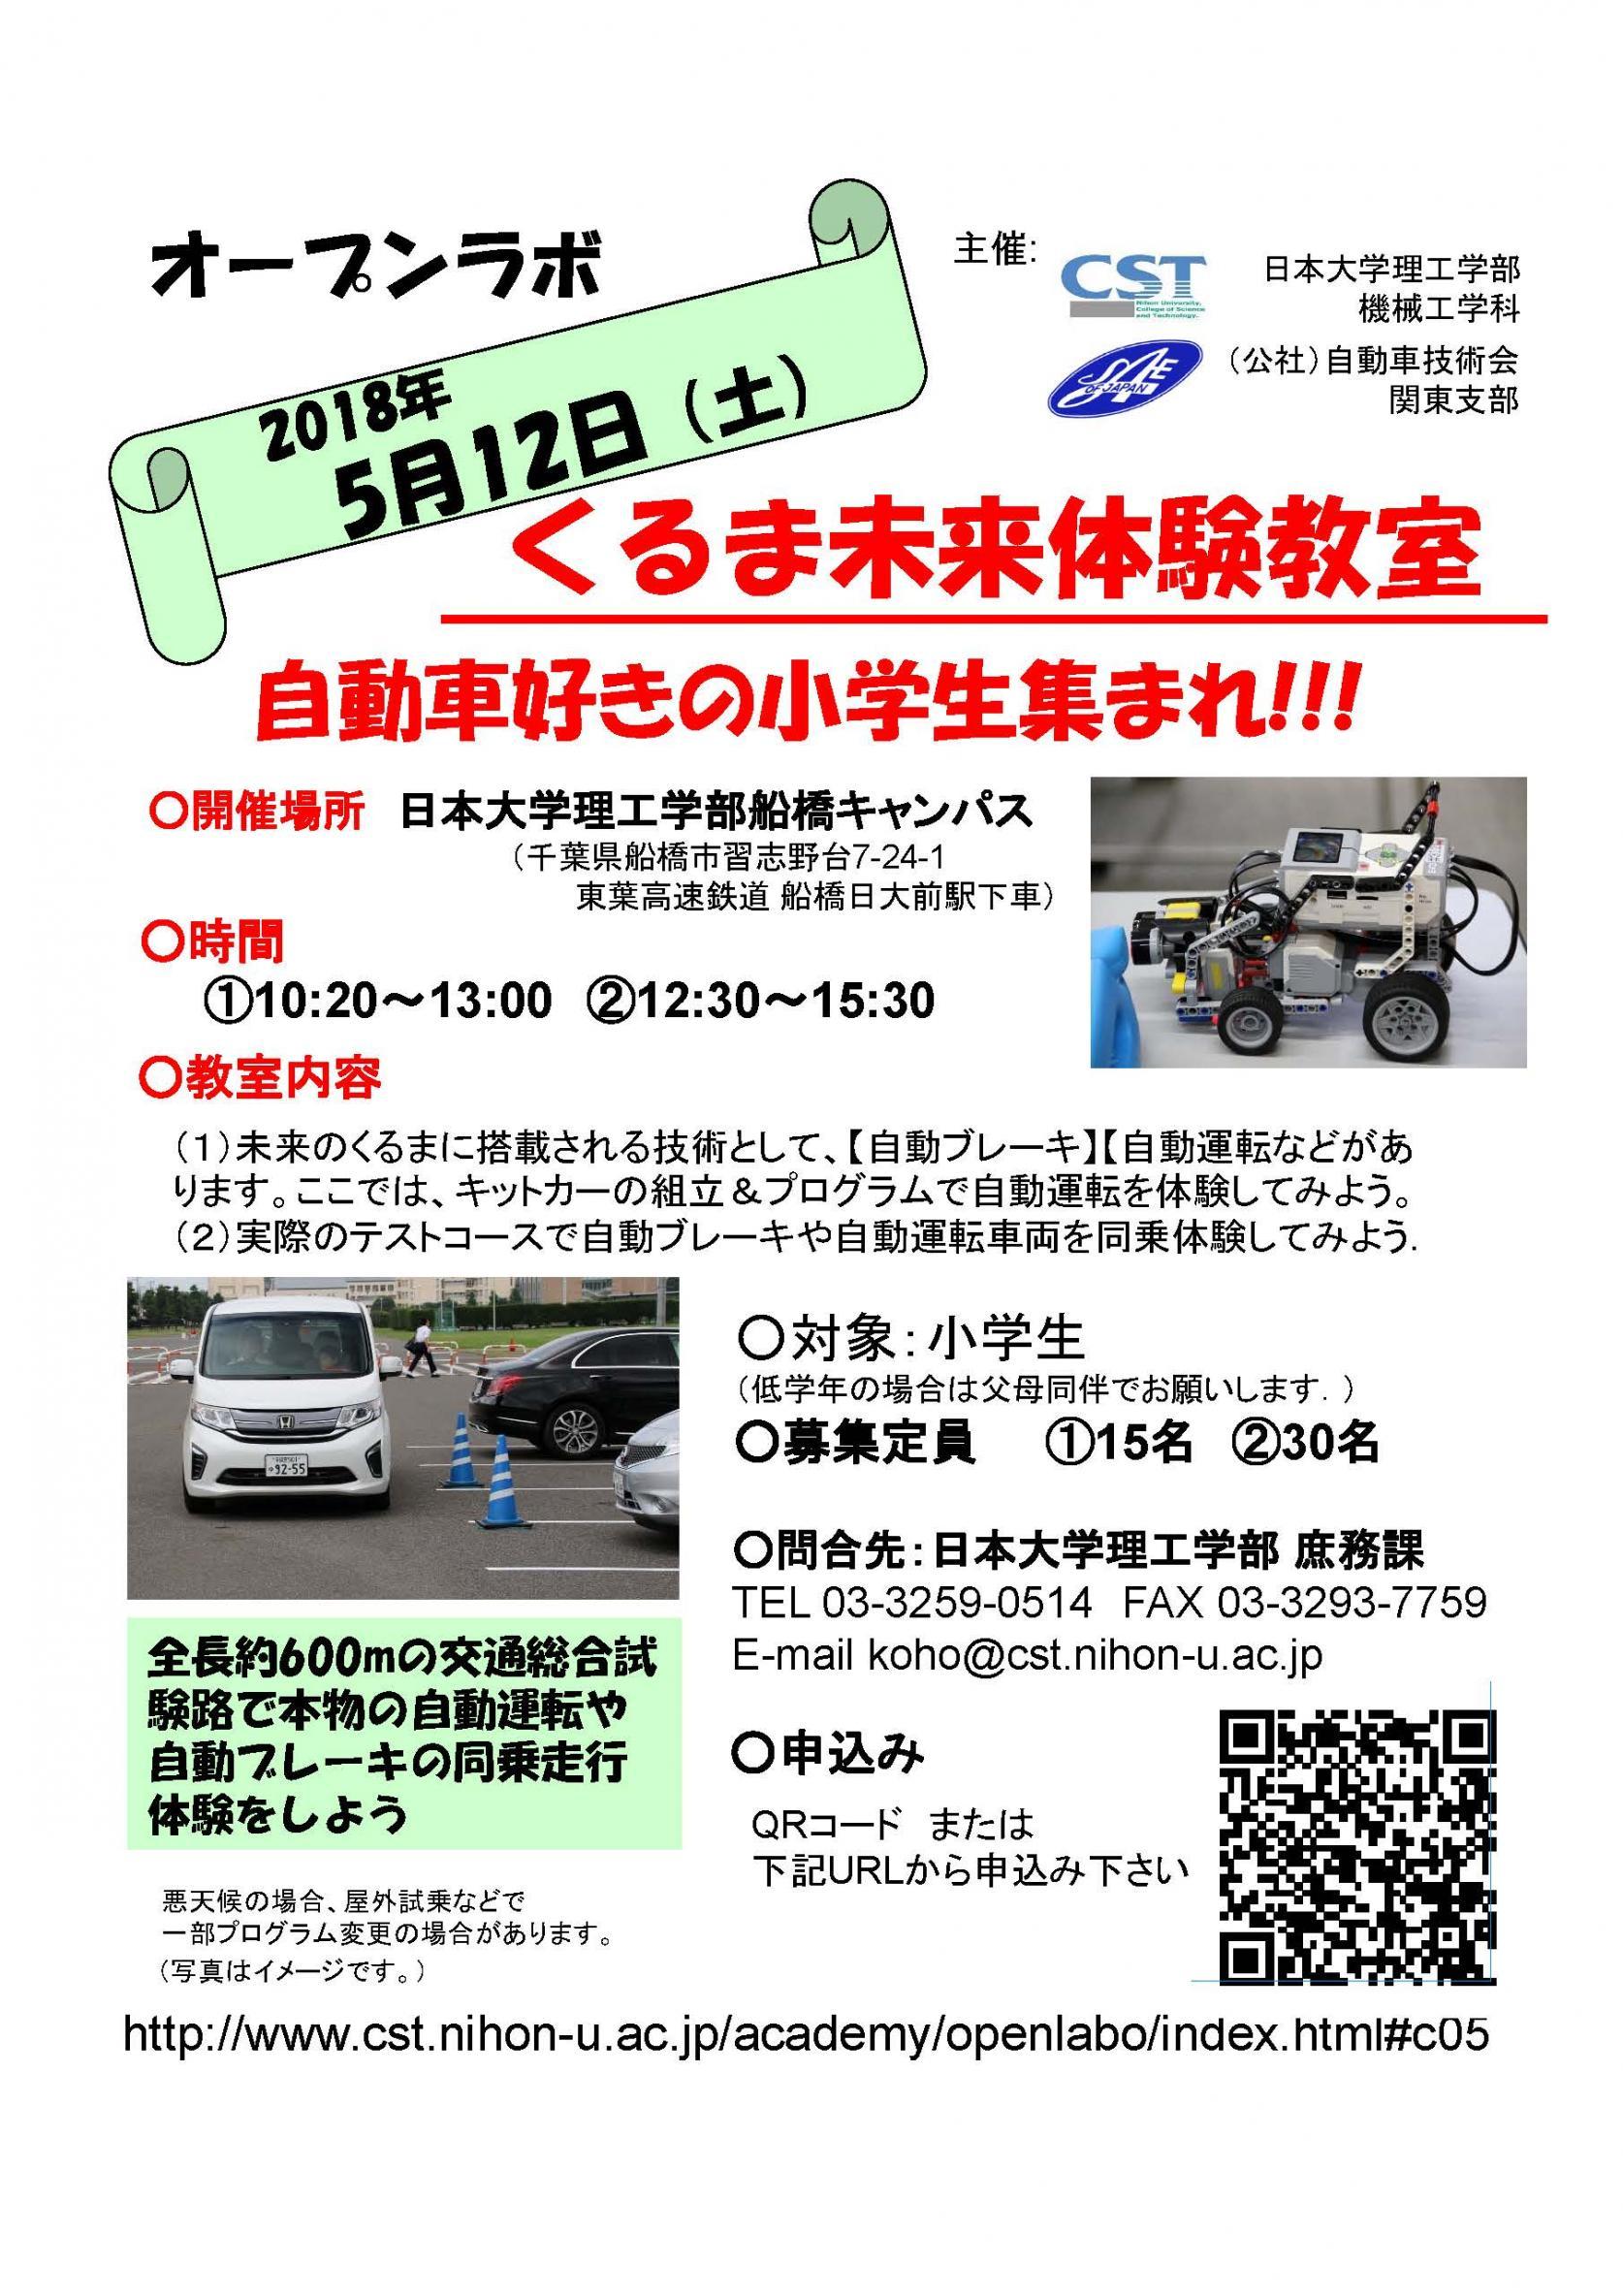 自動車好きの小学生集まれ!!5月12日(土)今年も大人気機械工学科の「くるま未来体験教室」(船橋キャンパス)開催です(事前予約制)